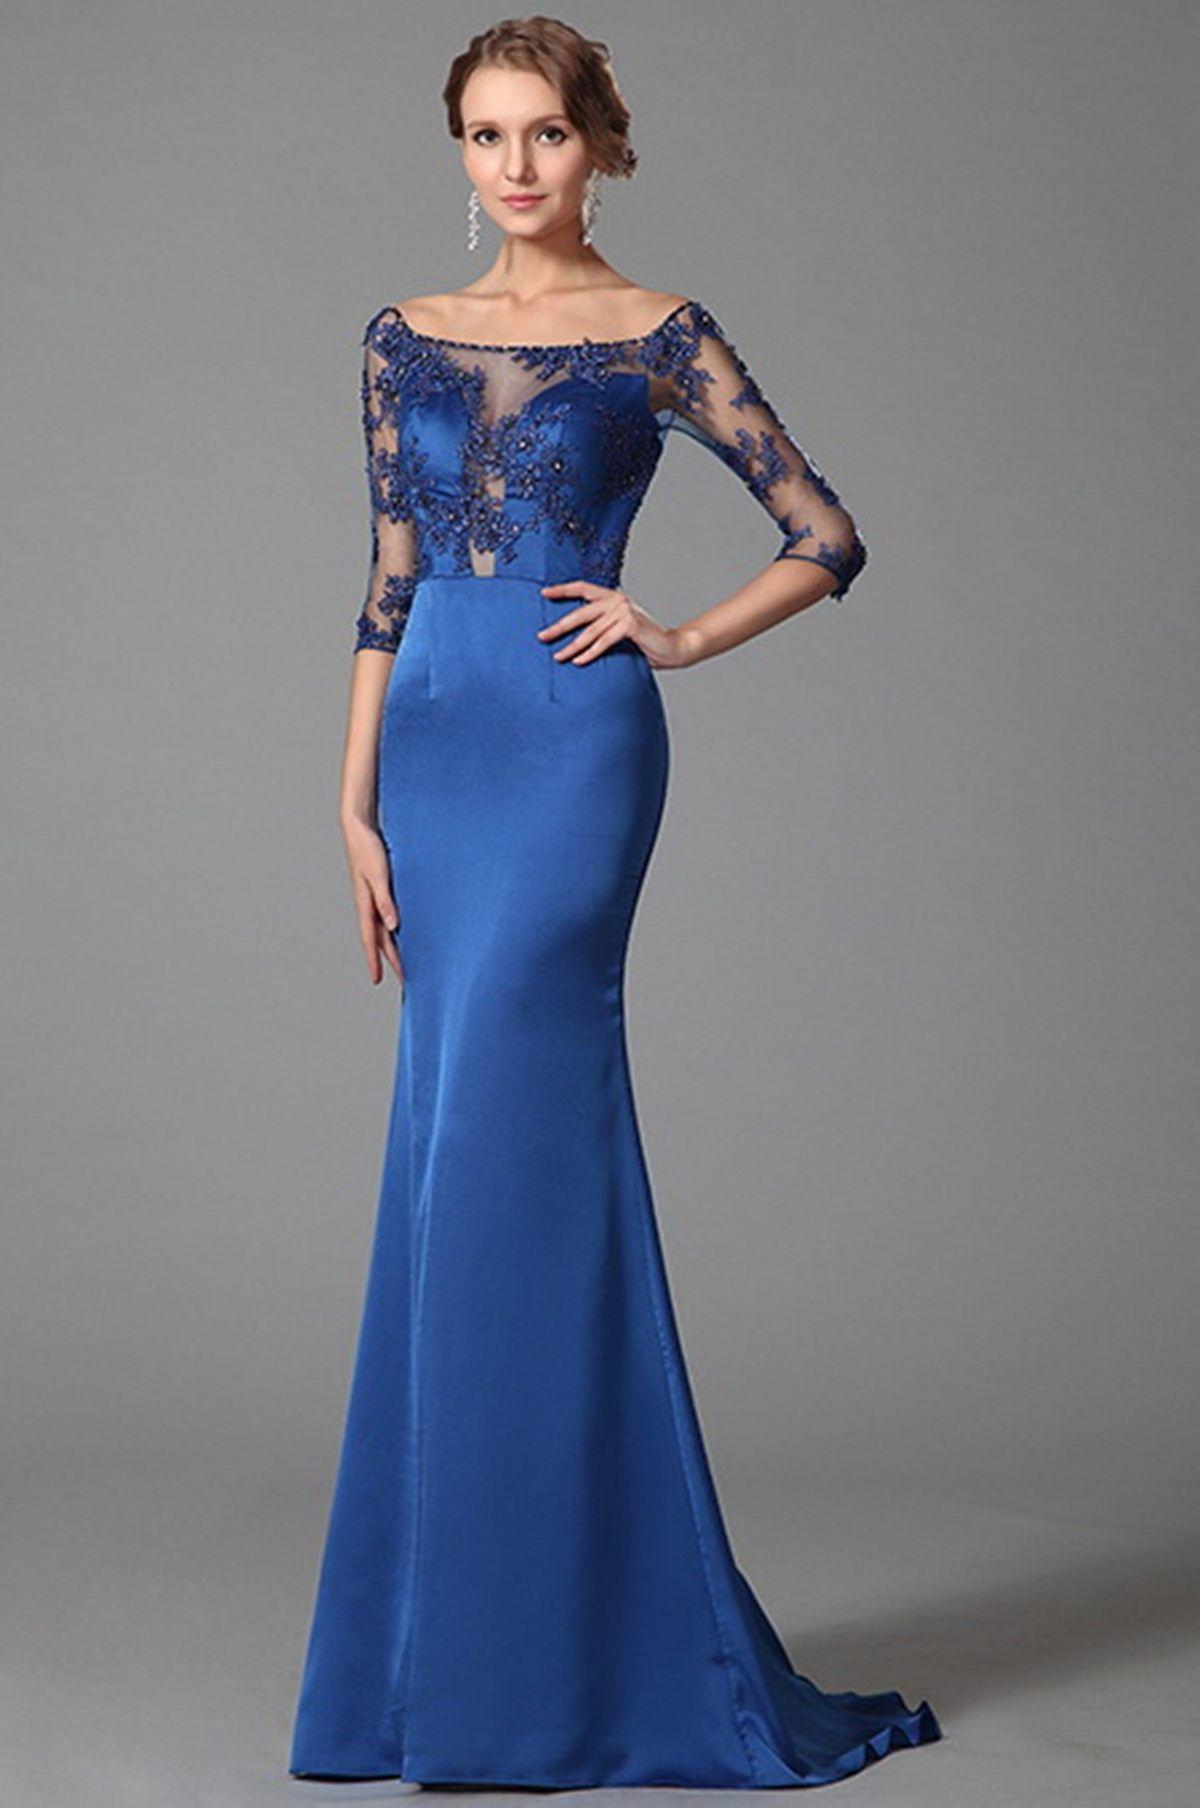 679eecc03dd2 Luxusné modré spoločenské šaty E00385 - hlavná fotka